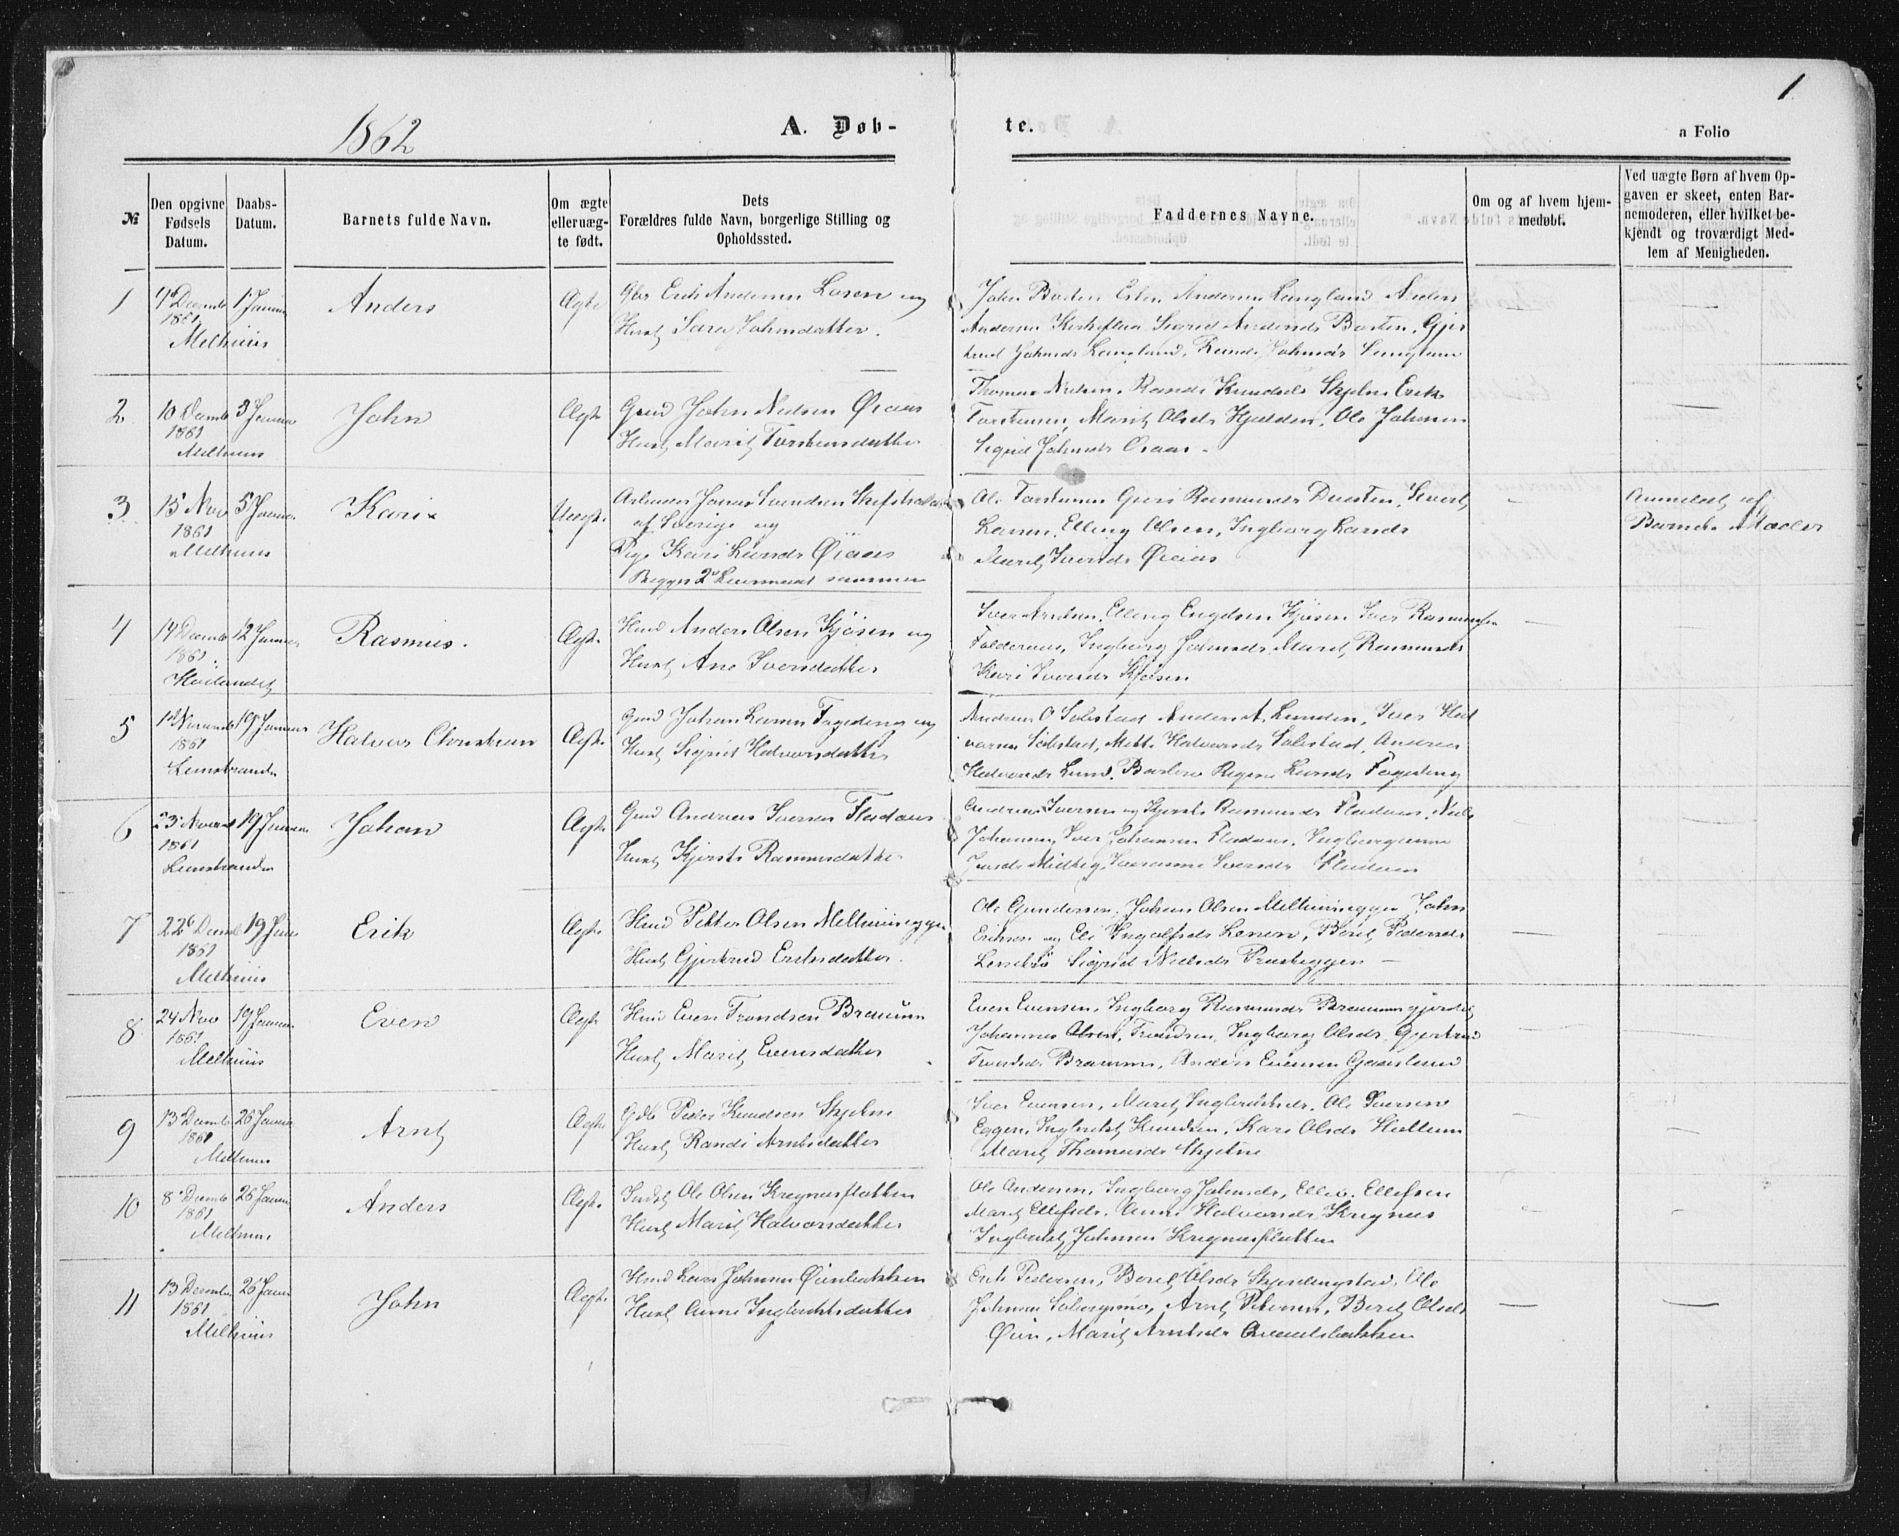 SAT, Ministerialprotokoller, klokkerbøker og fødselsregistre - Sør-Trøndelag, 691/L1077: Ministerialbok nr. 691A09, 1862-1873, s. 1